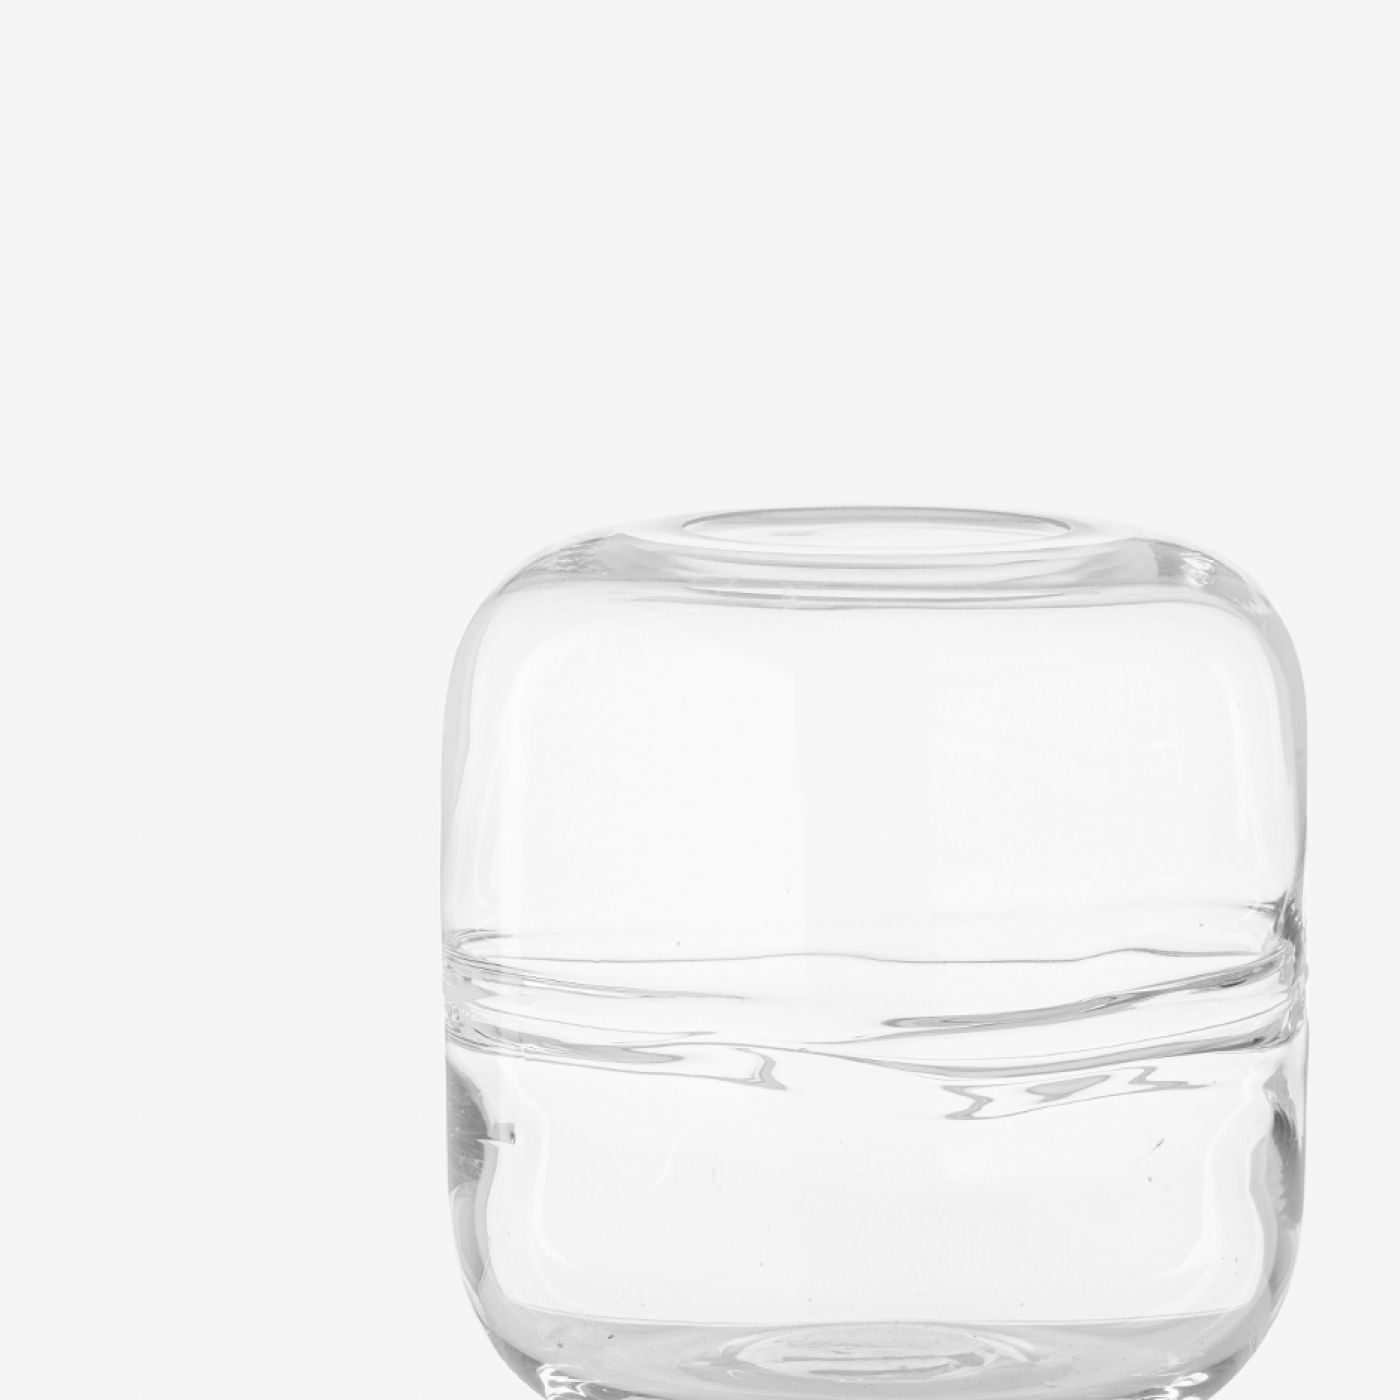 אגרטל זכוכית PLUP | קטן